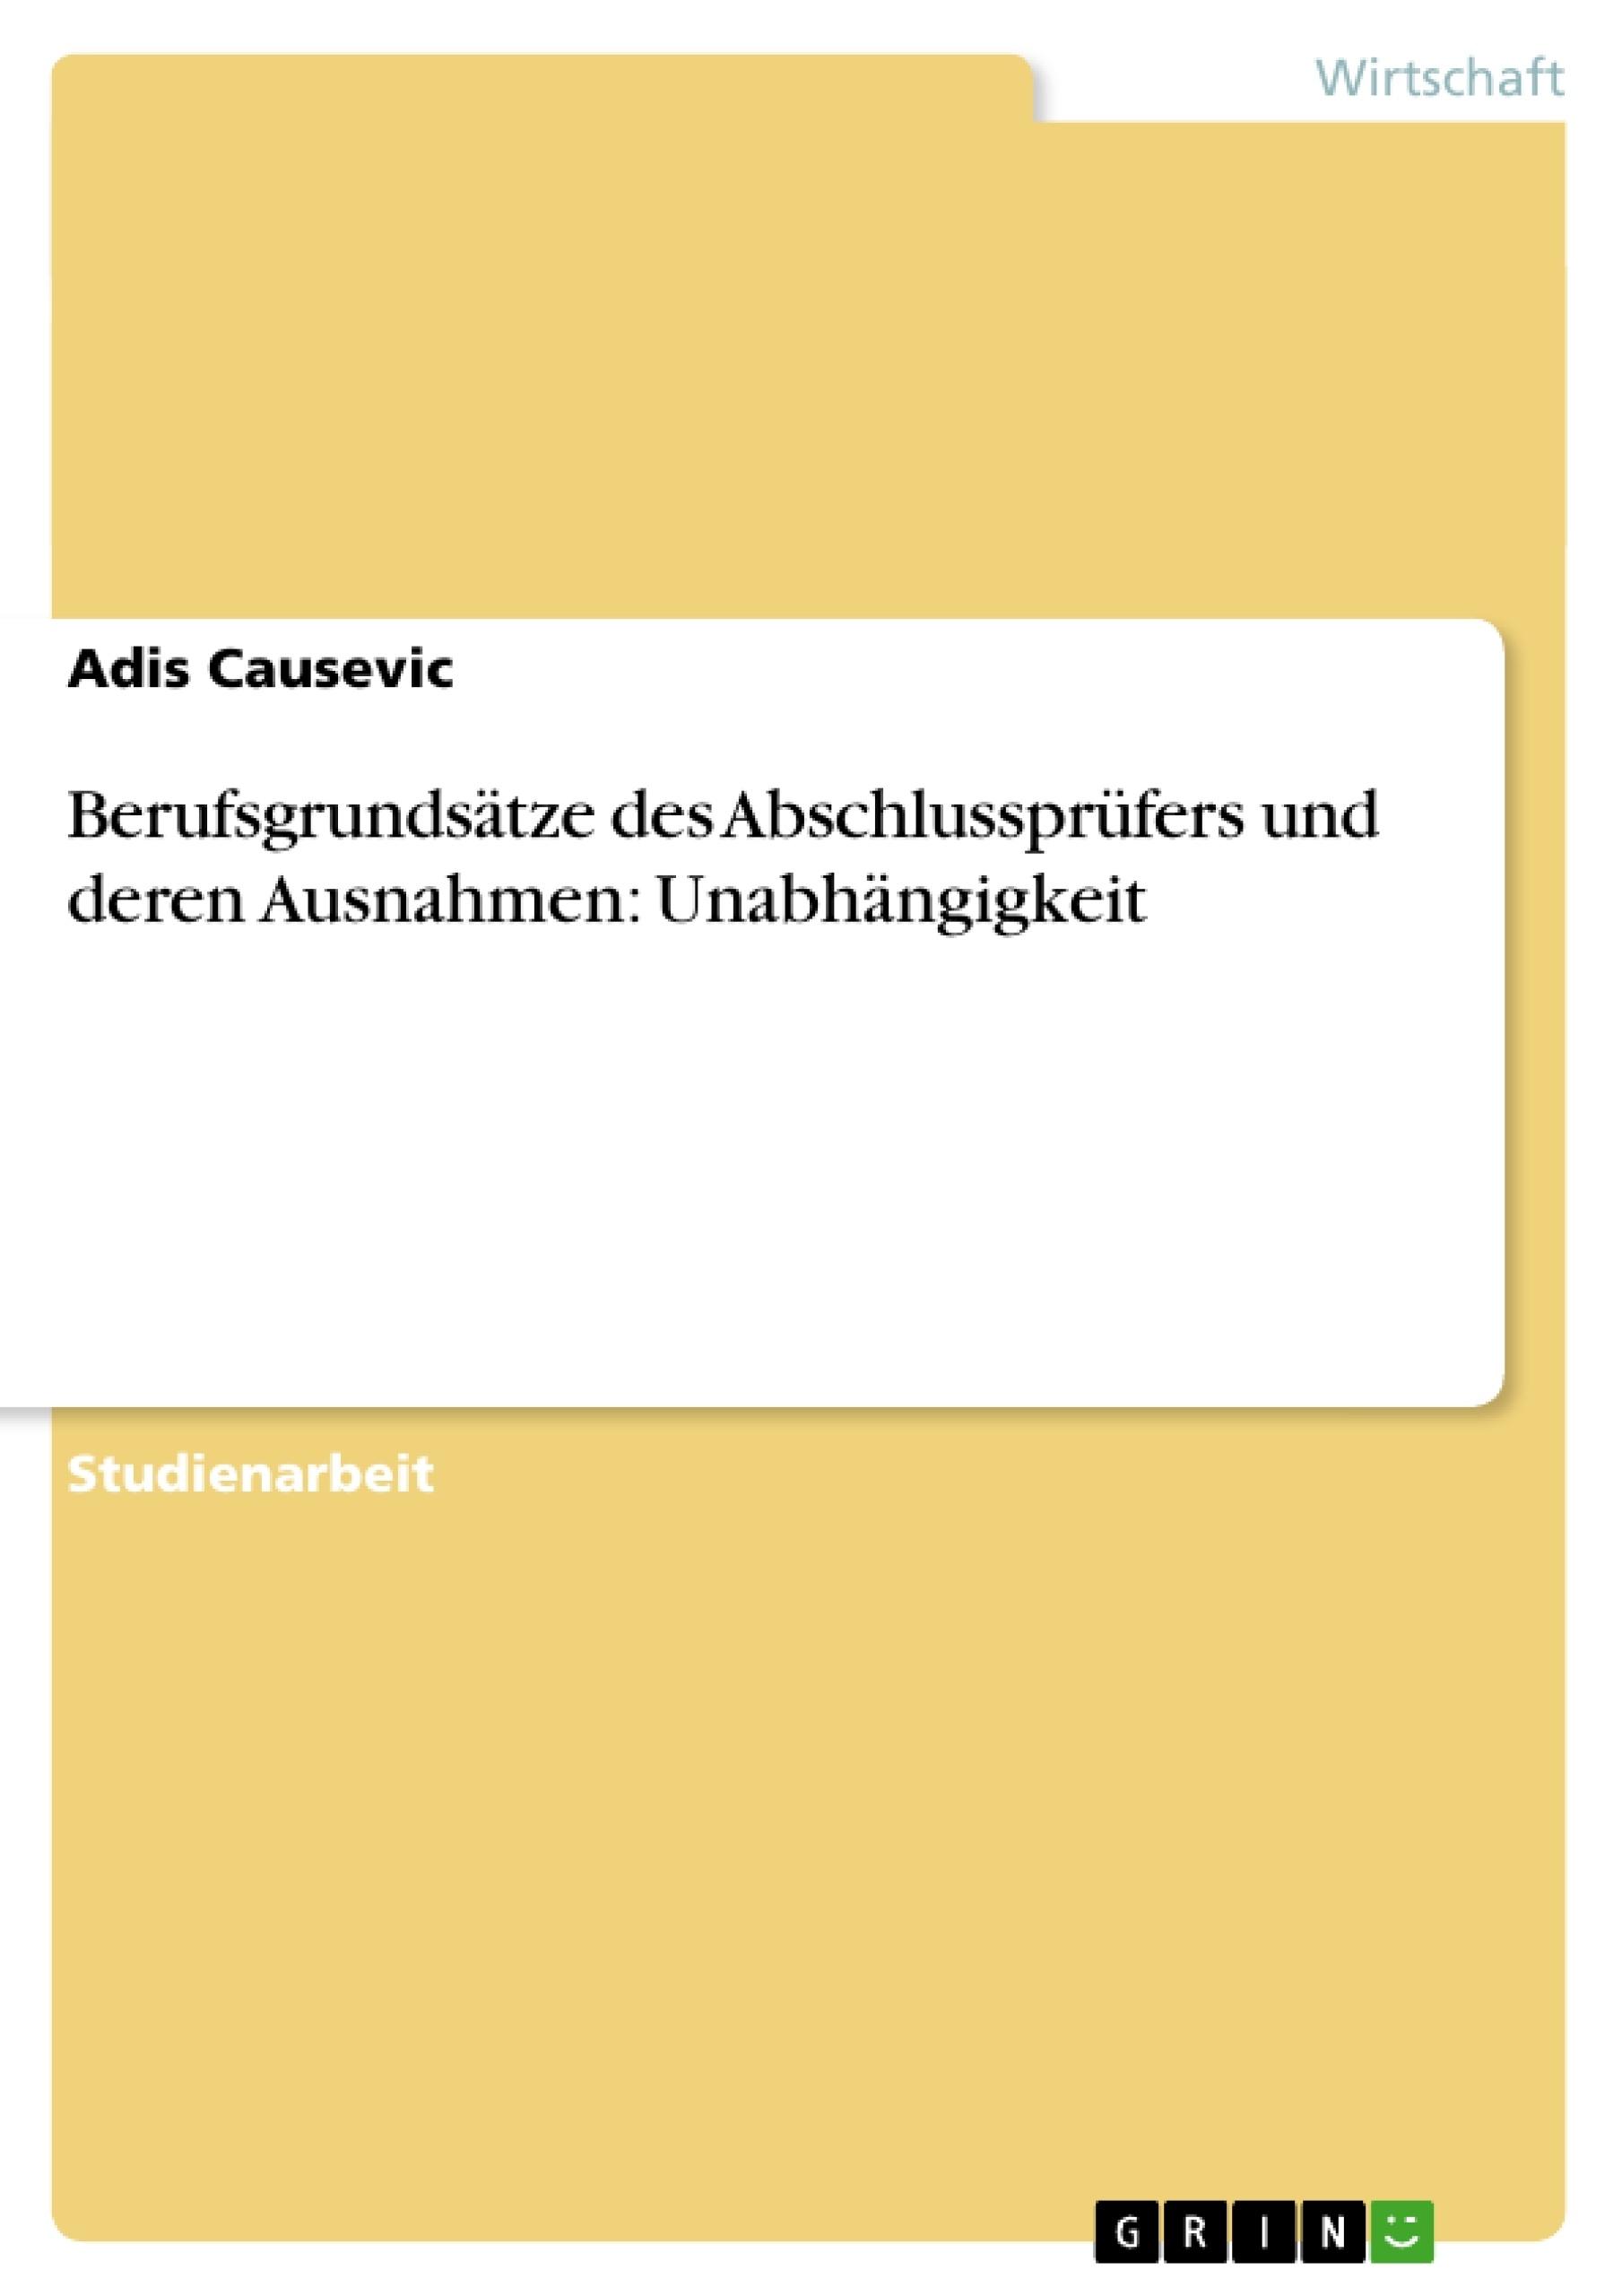 Titel: Berufsgrundsätze des Abschlussprüfers und deren Ausnahmen: Unabhängigkeit